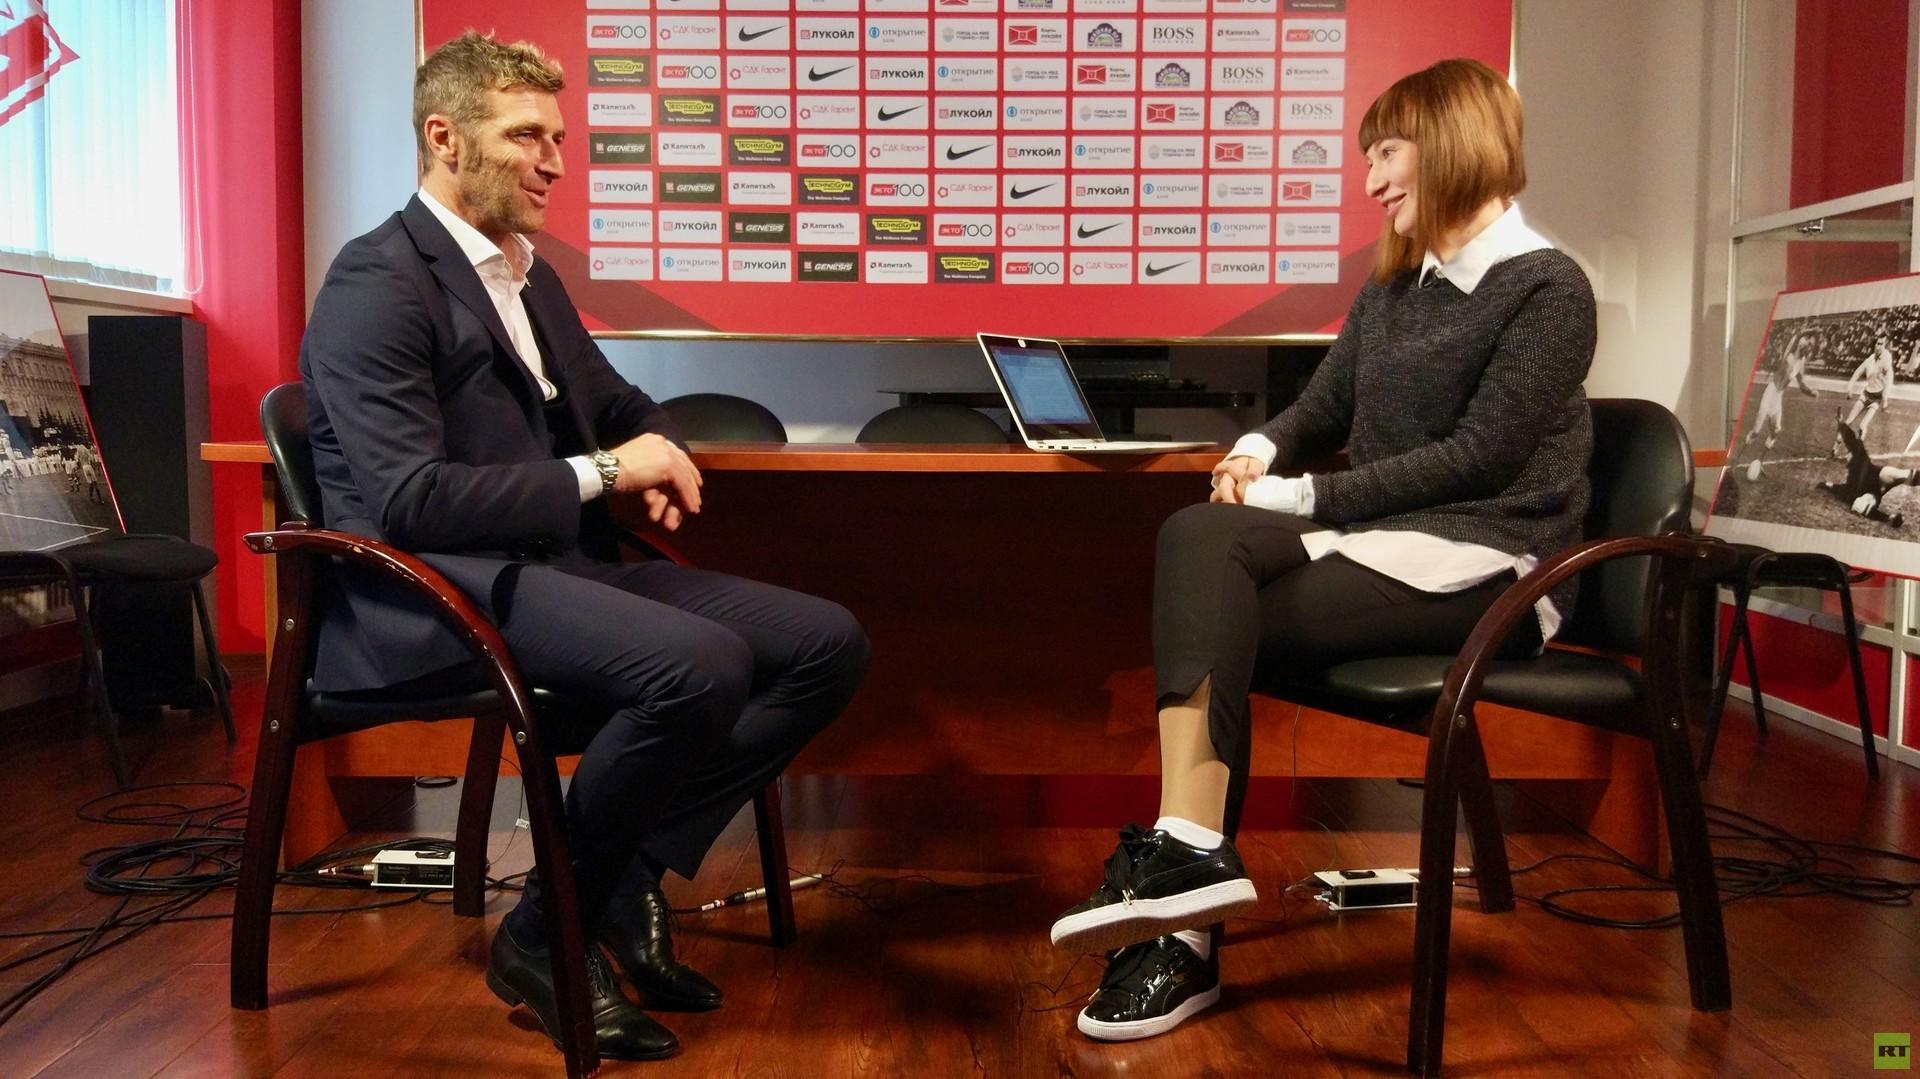 Массимо Каррера: «Спартак» критикуют из зависти (Видео)